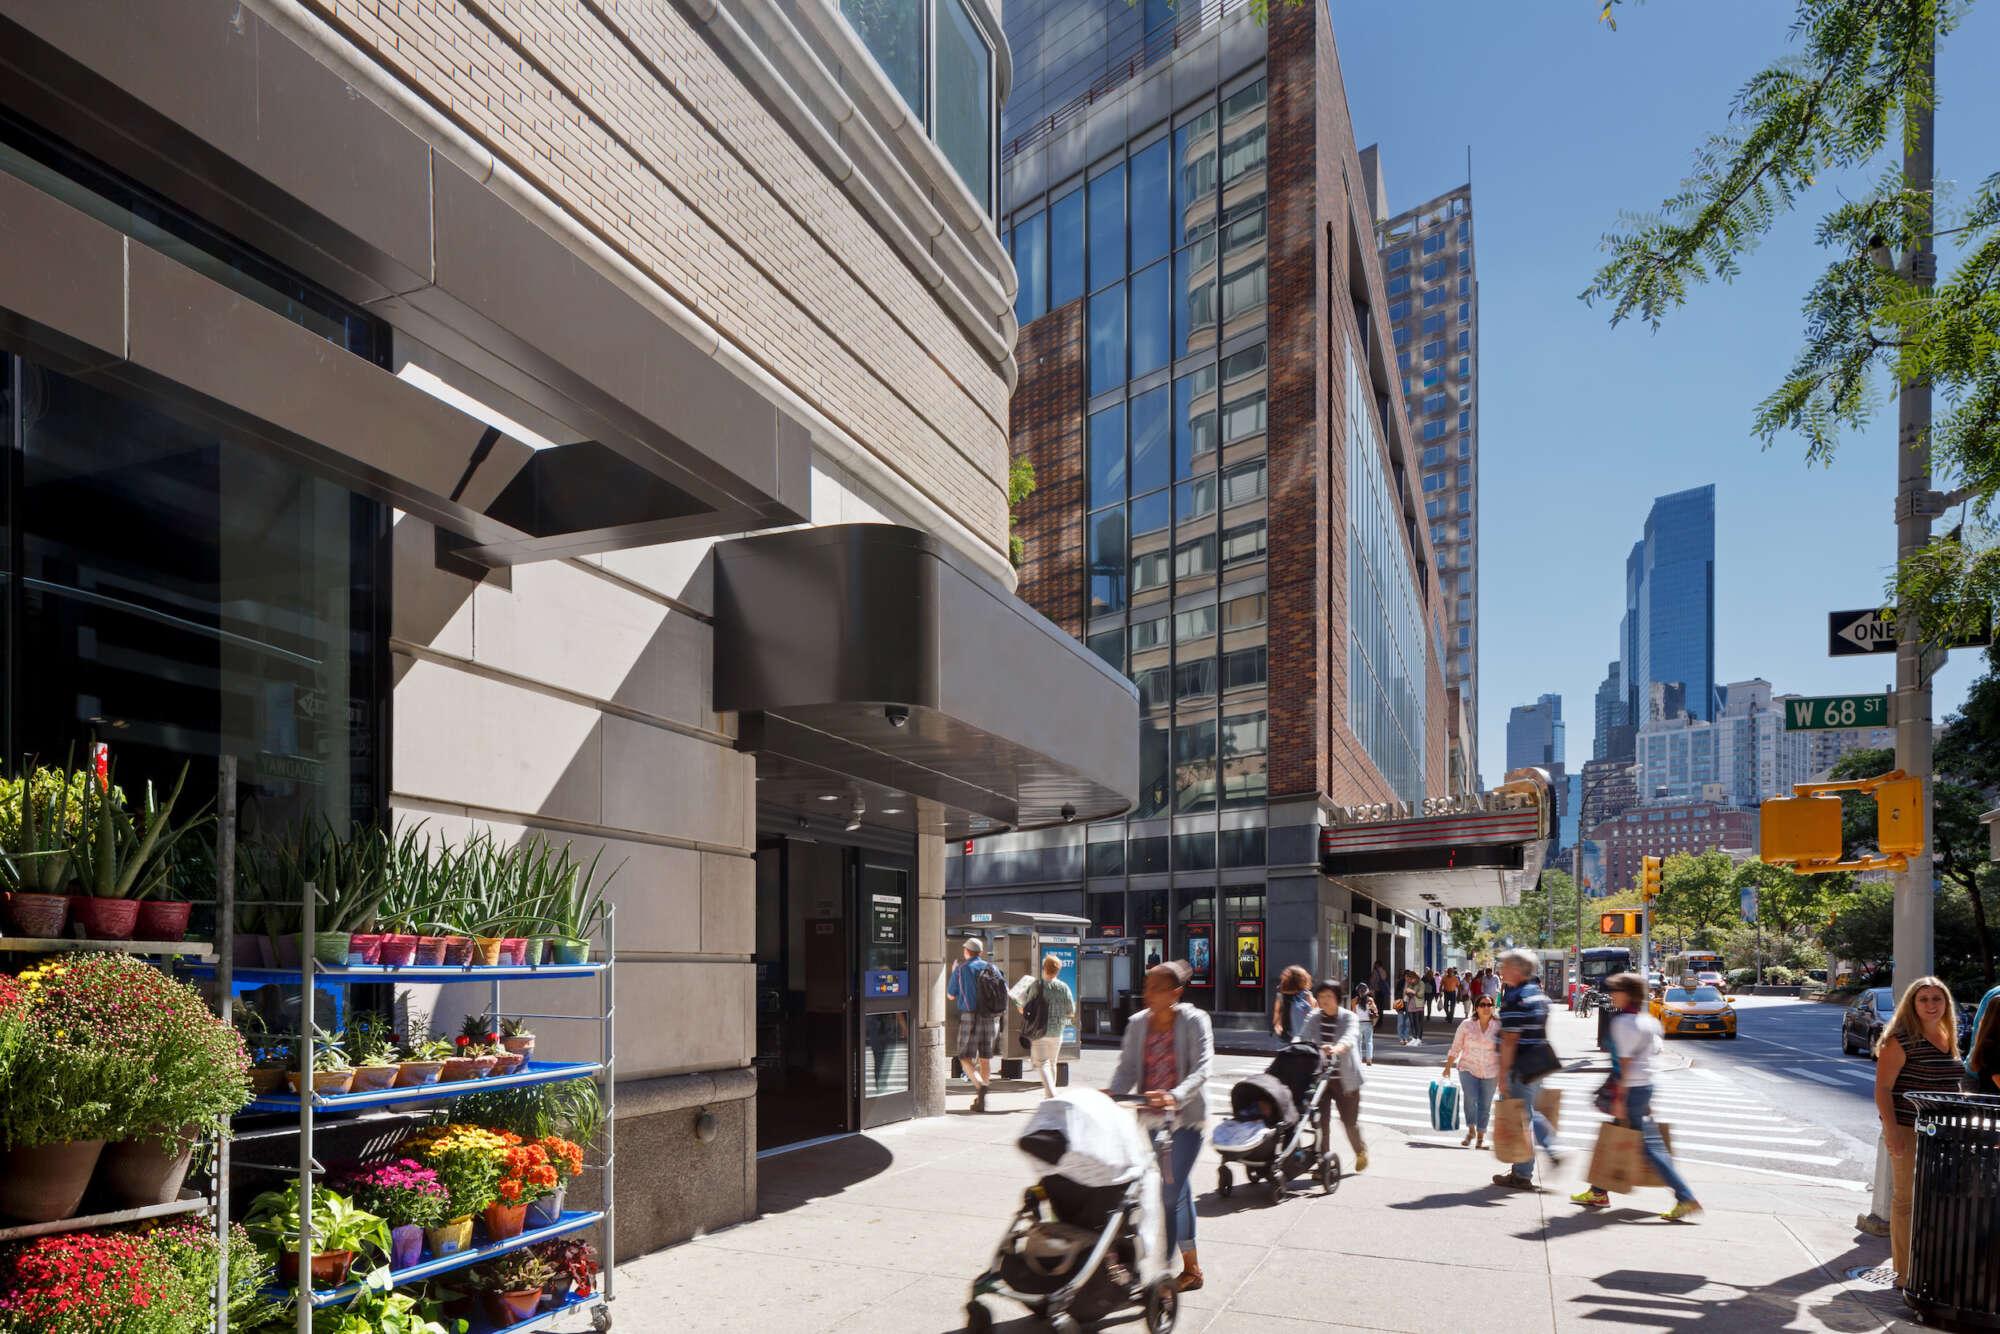 2000 Broadway retail store facade with pedestrians on sidewalk